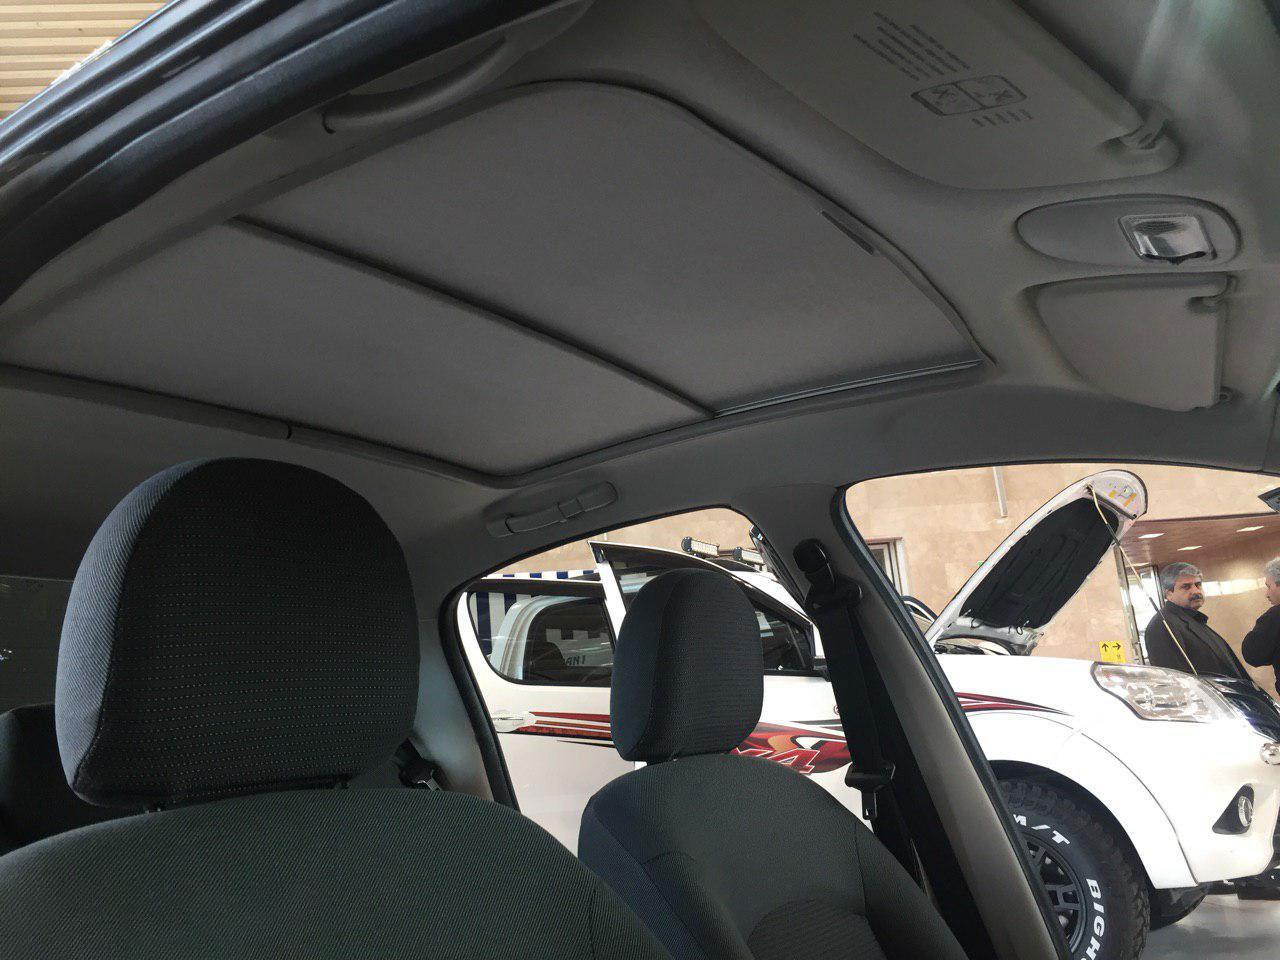 شرایط فروش خودروی پژو ۲۰۷ با سقف شیشهای (پانوراما) ویژه تیر ۹۸